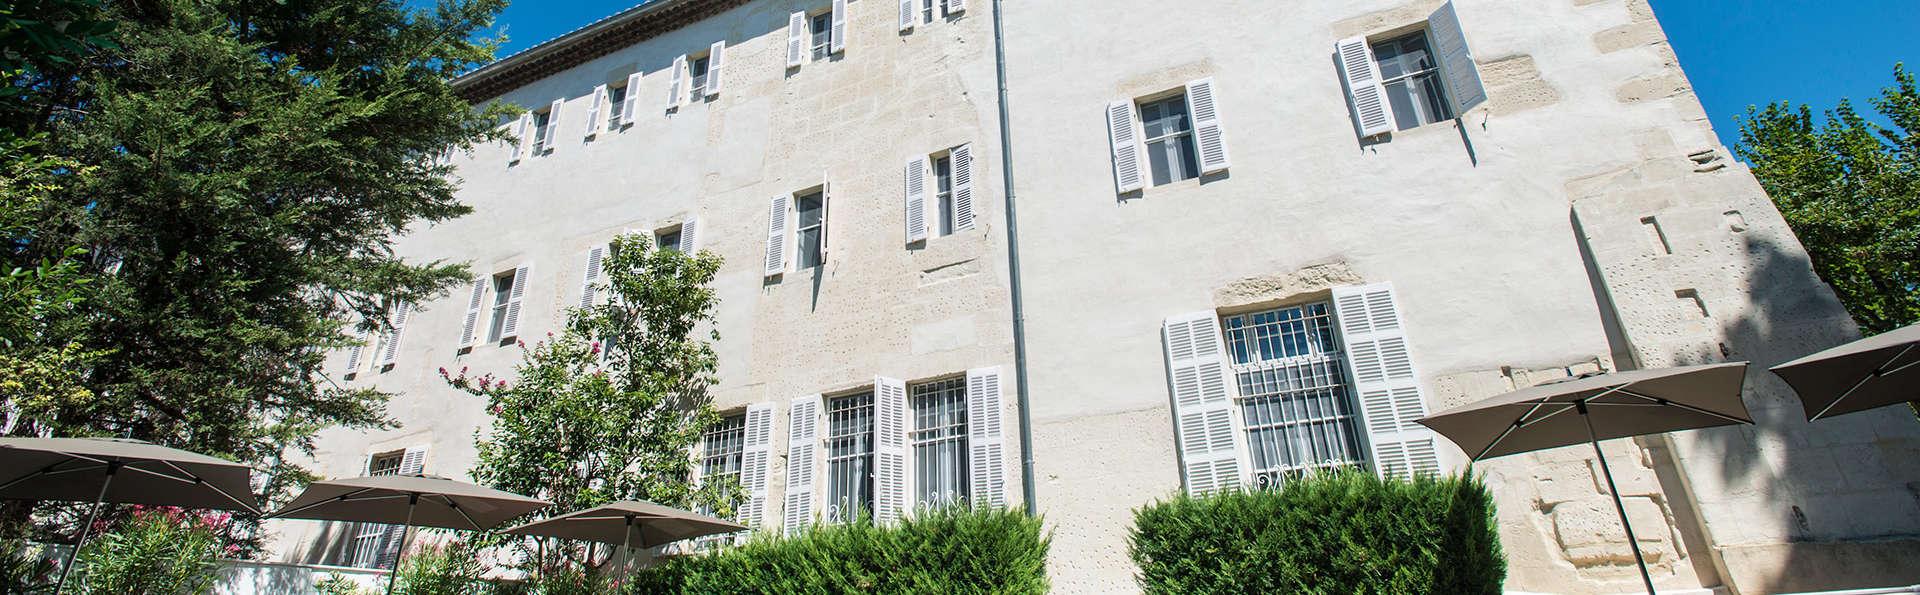 Offre spéciale: Séjour de 2 nuits minimum dans un 5* à Arles !